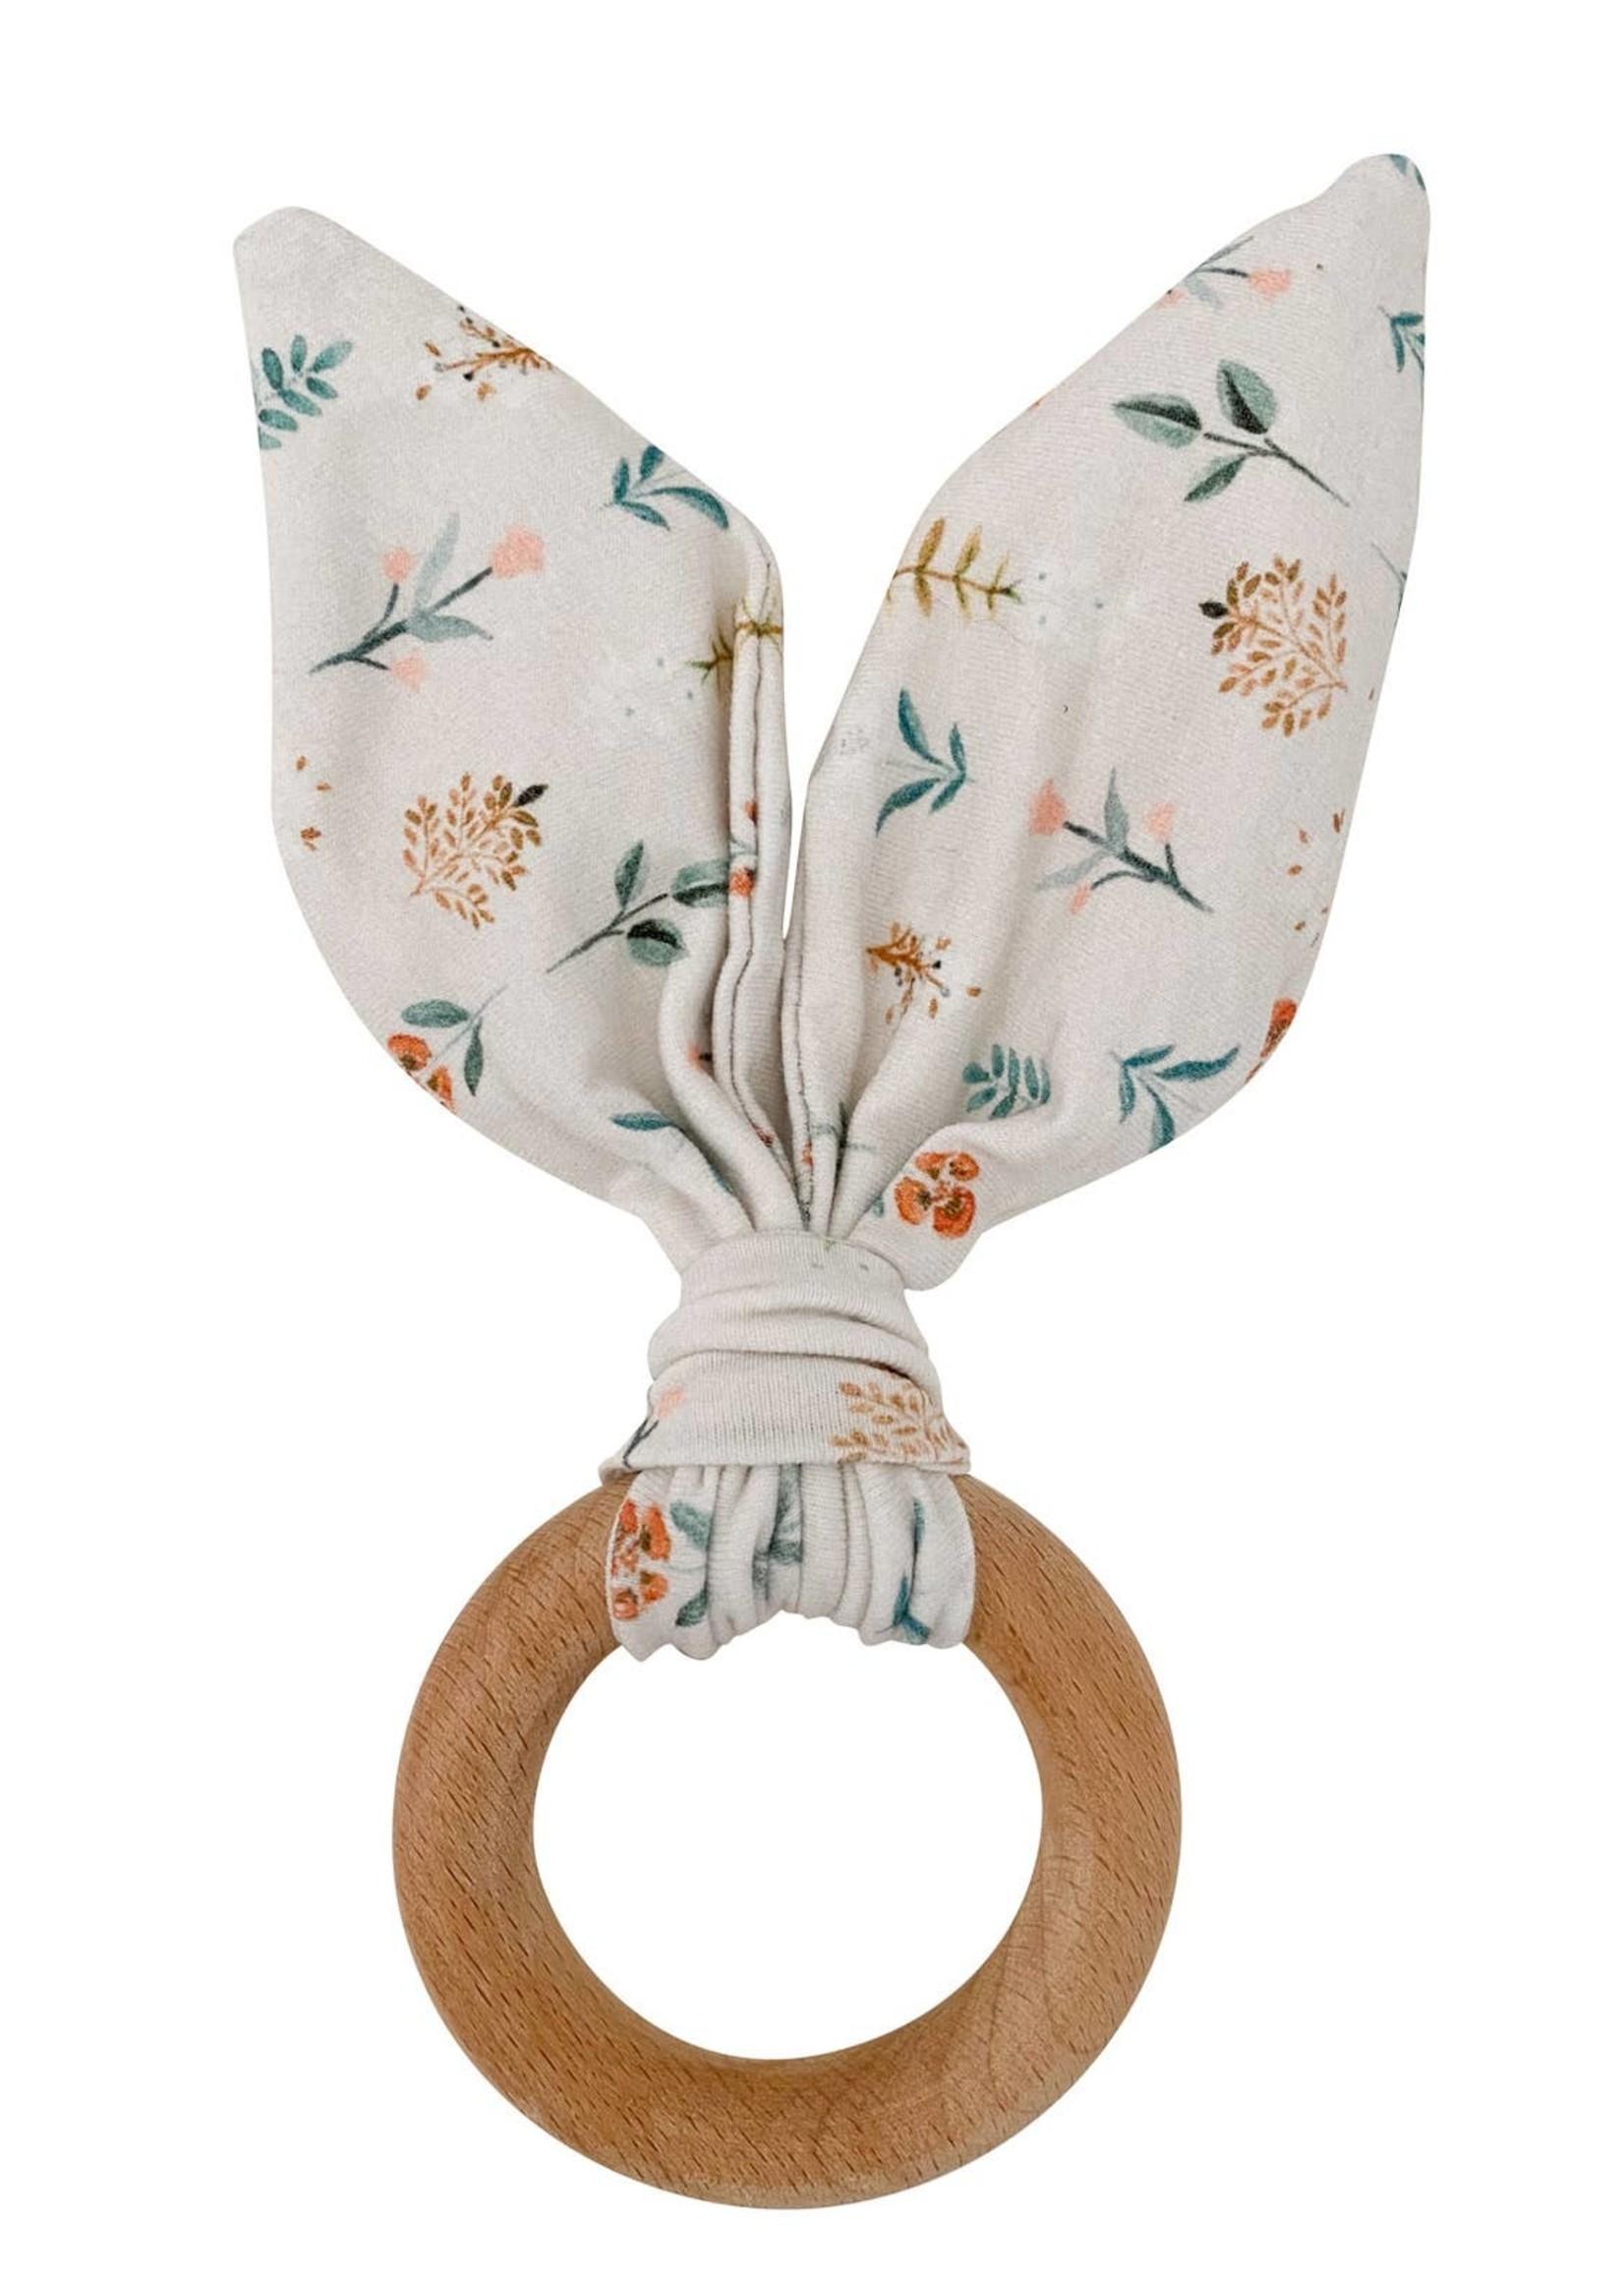 chewable charm Crinkle Bunny Ear Teethers